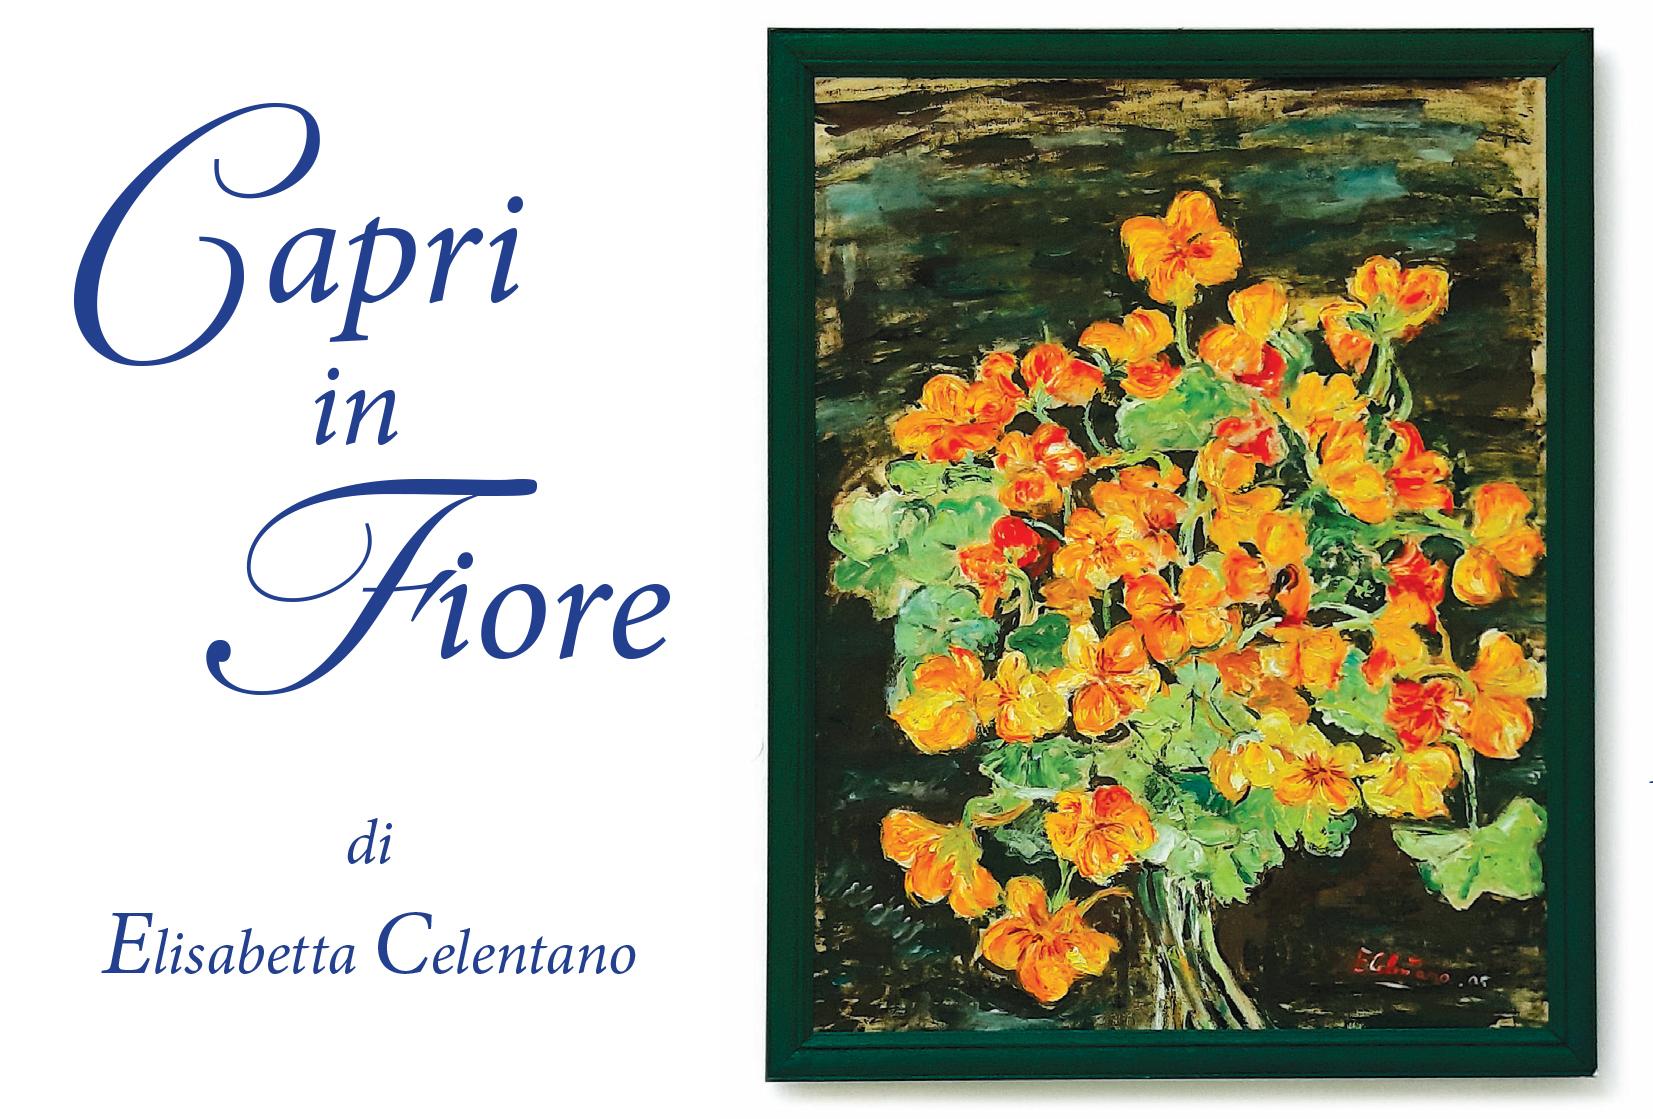 Capri in Fiore, la Mostra della pittrice Elisabetta Celentano dal 27 Giugno al 4 Luglio presso la Chiesa dell' Oratorio di Capri